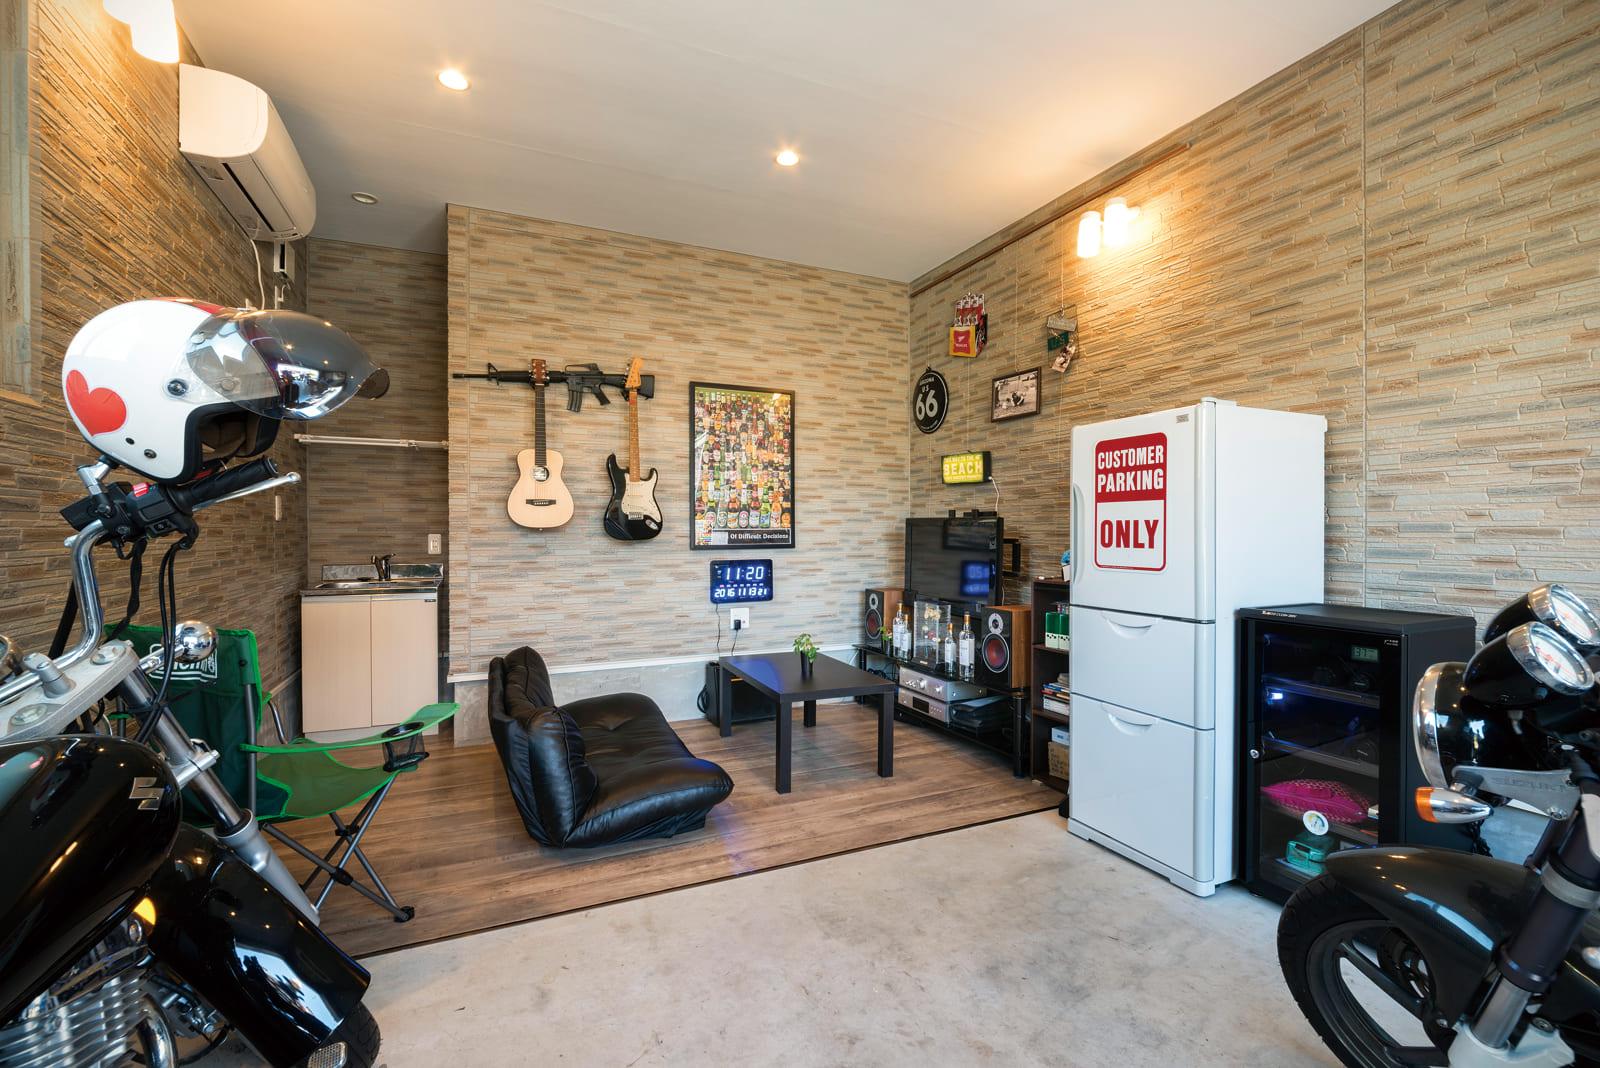 Sさんの想いが詰まったガレージ。ソファを置いたリラックススペースは、床材もクッションフロアを導入している